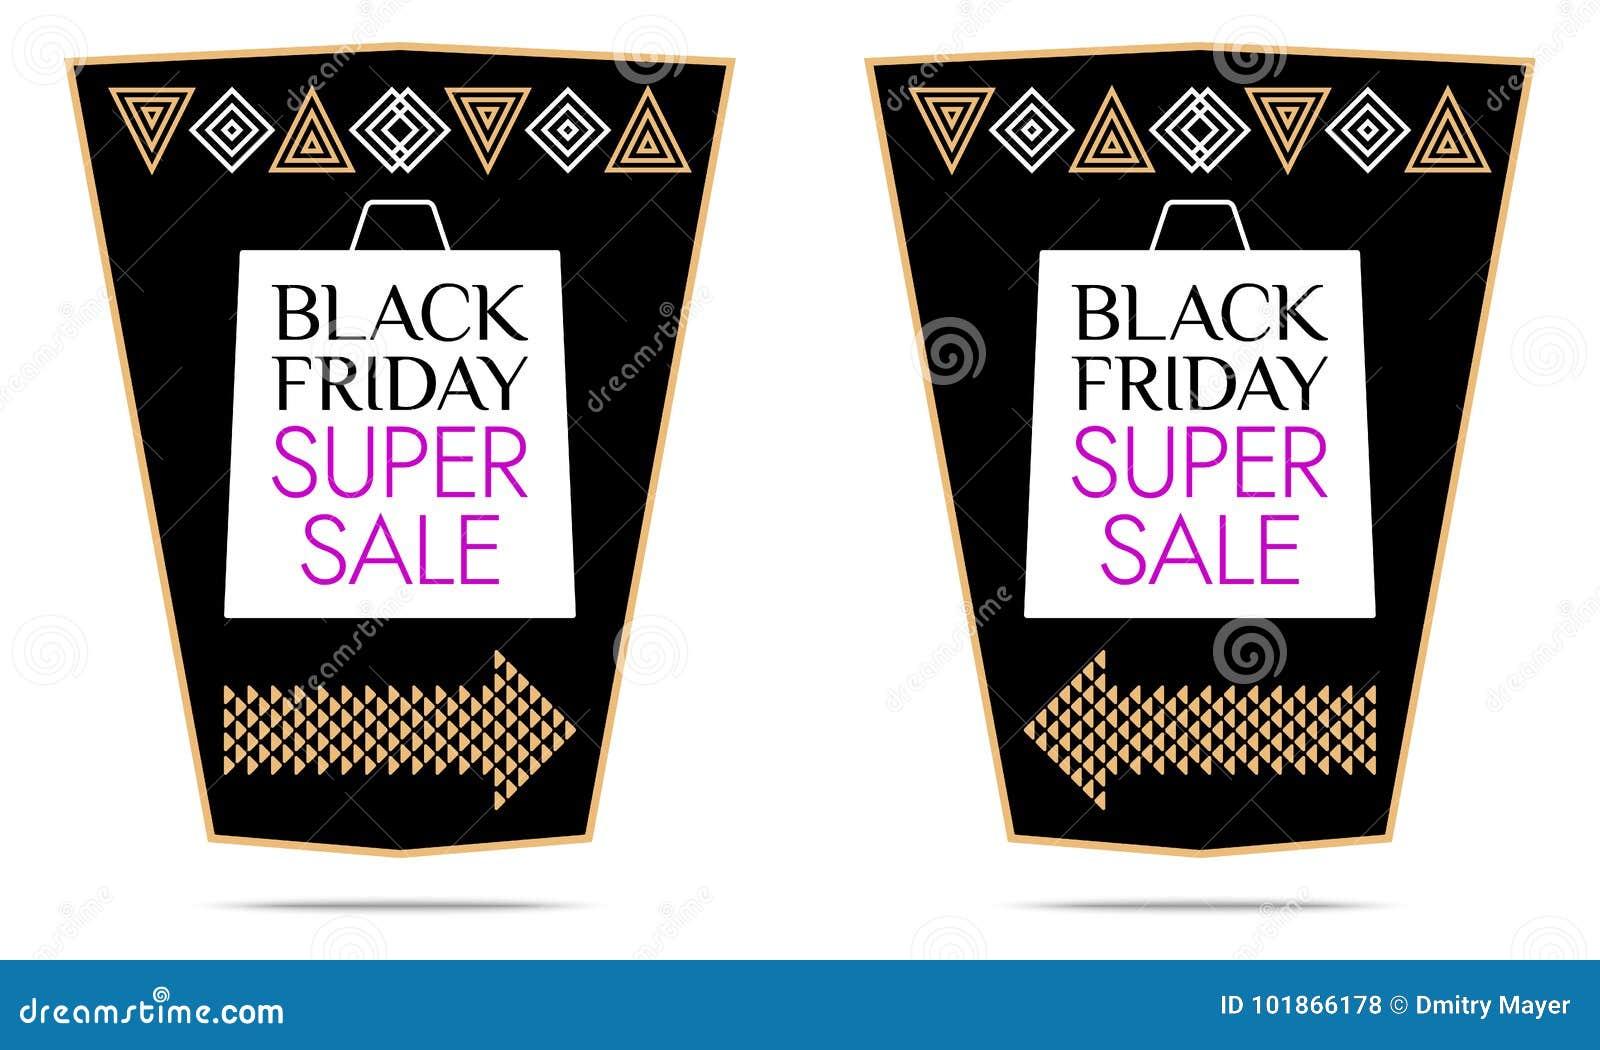 d456dd7fee Black Friday Super Sale. Vector Sticker Stock Vector - Illustration ...